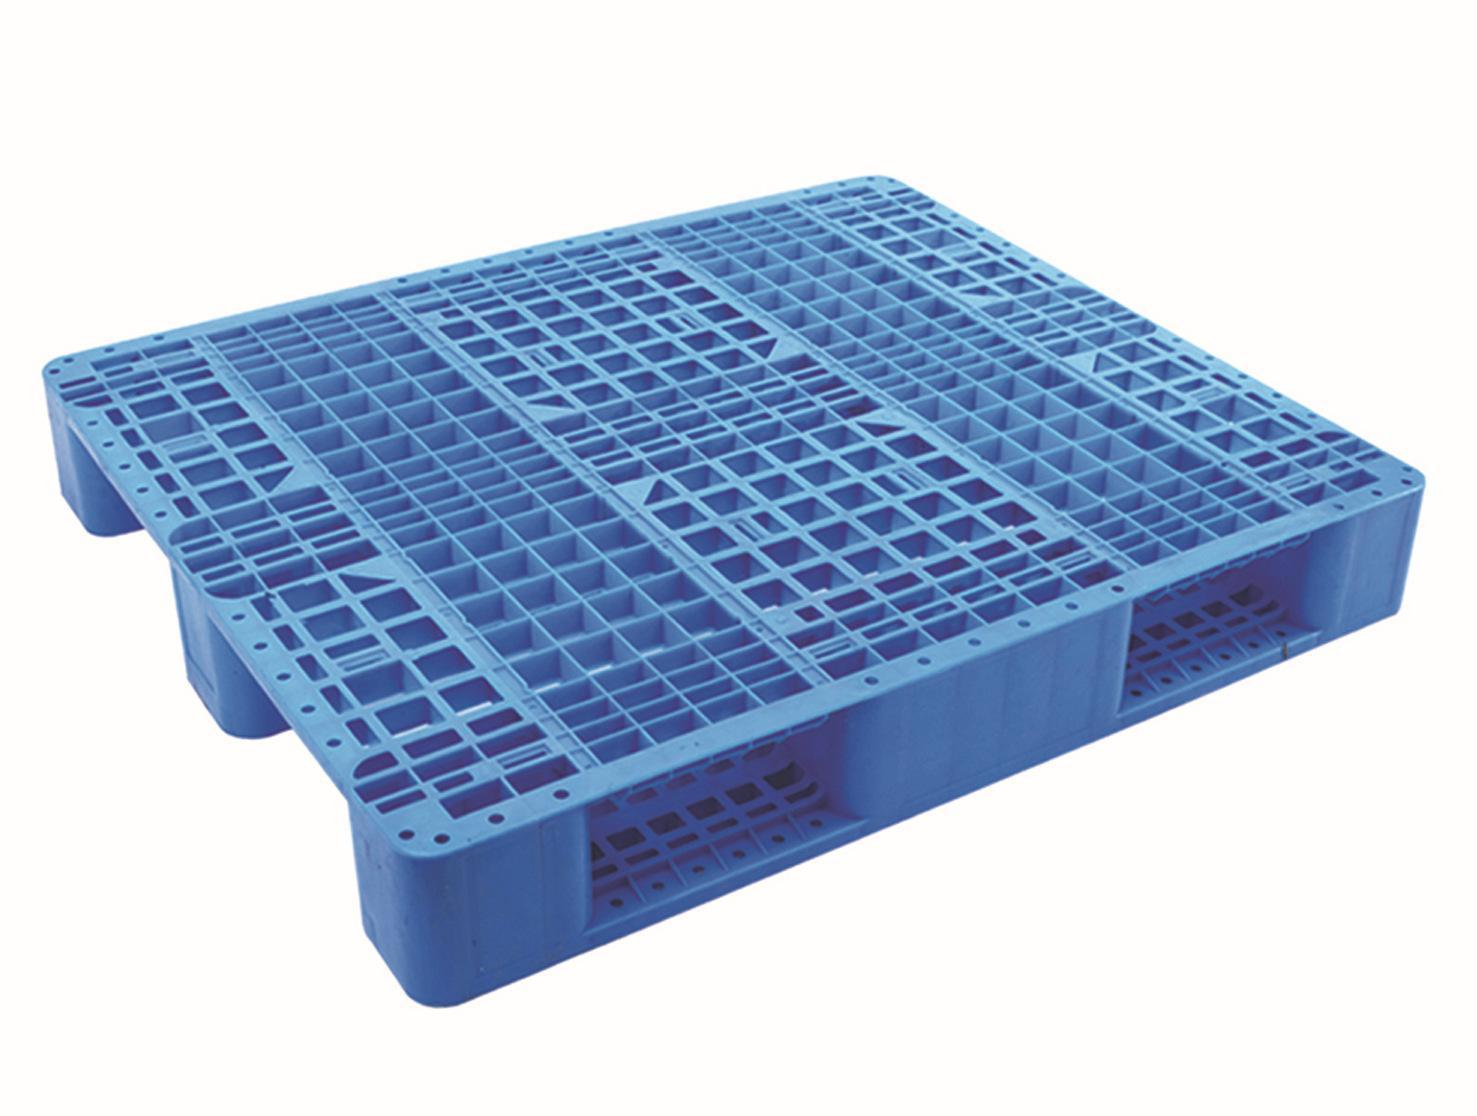 厂家批发 塑料托盘 1.2米2网格川字垫板 塑料栈卡板 塑胶垫仓板